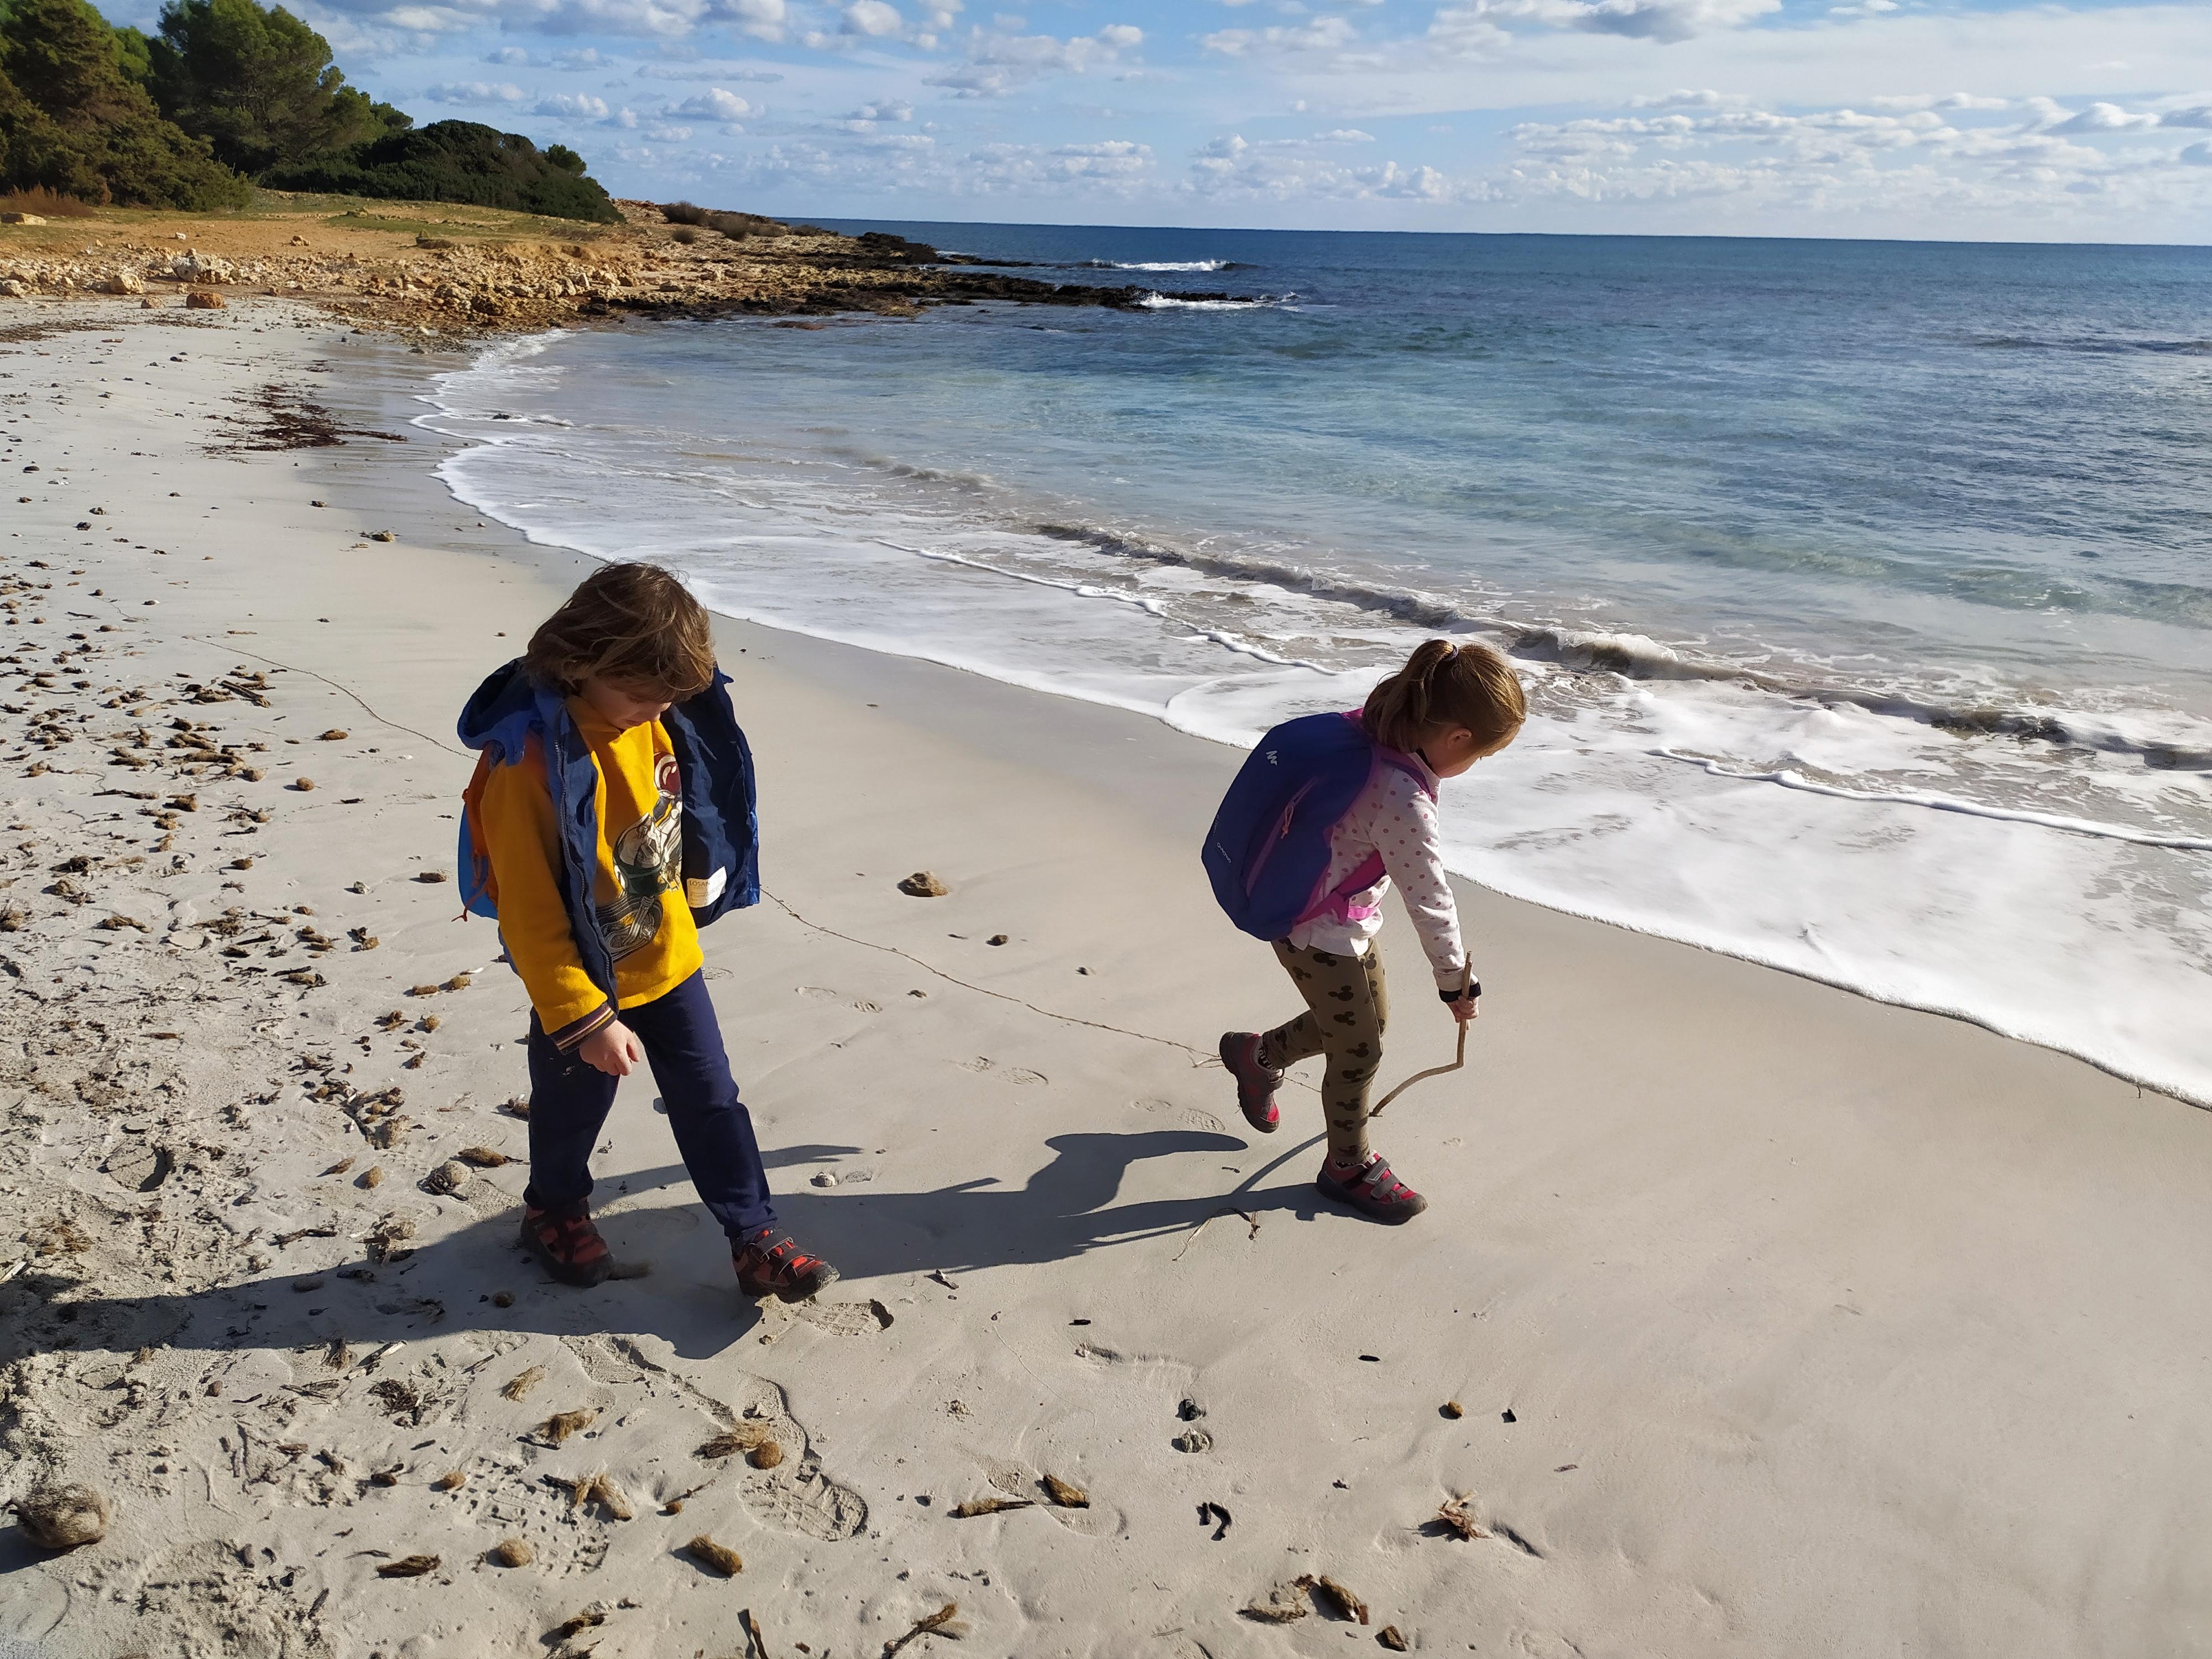 Anem a passejar a la vora de la mar